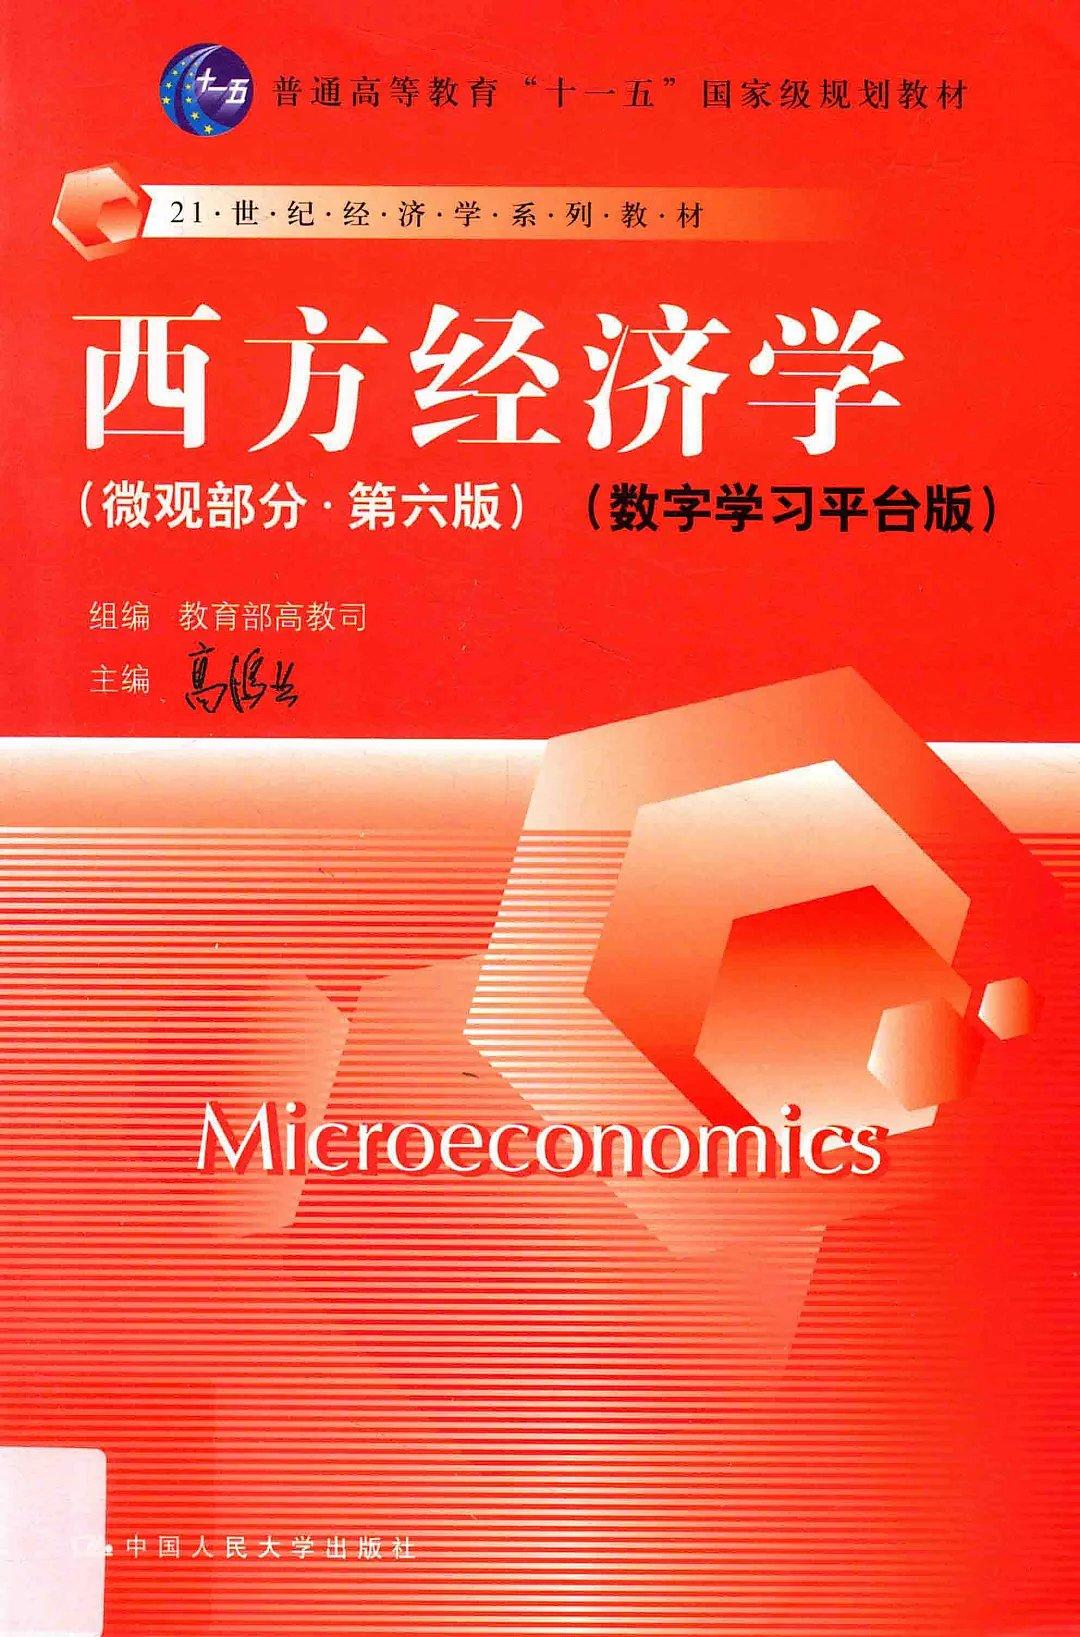 西方经济学 微观部分 第六版 高鸿业  PDF